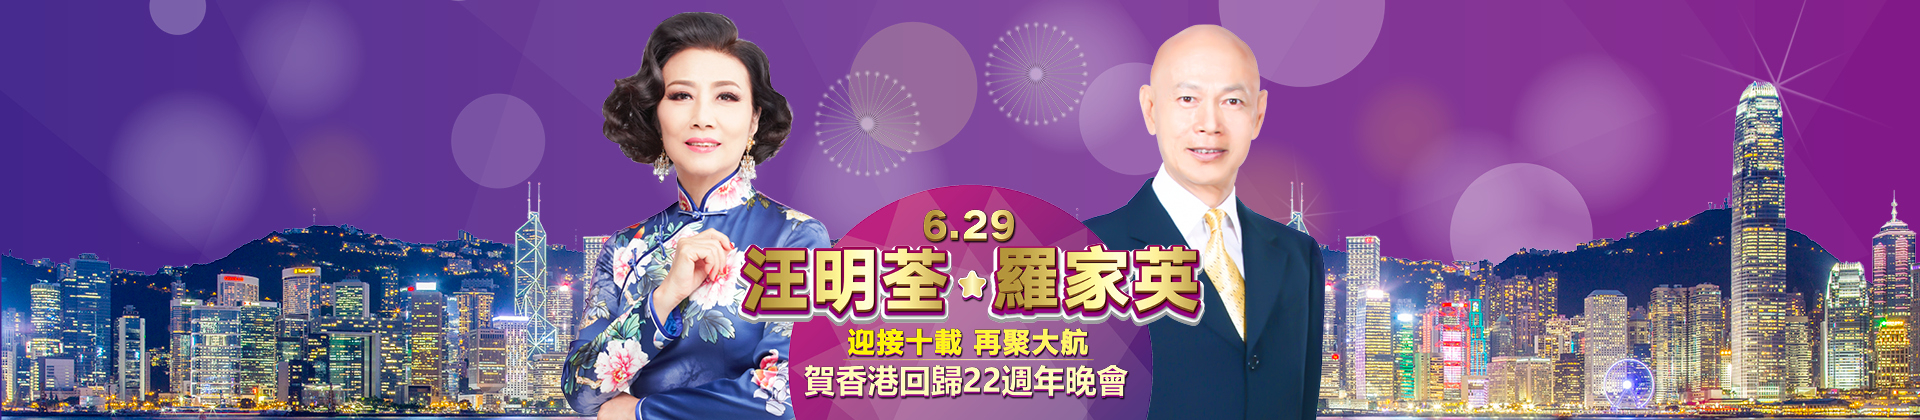 6.29迎接十載再聚大航 賀香港回歸22週年晚會